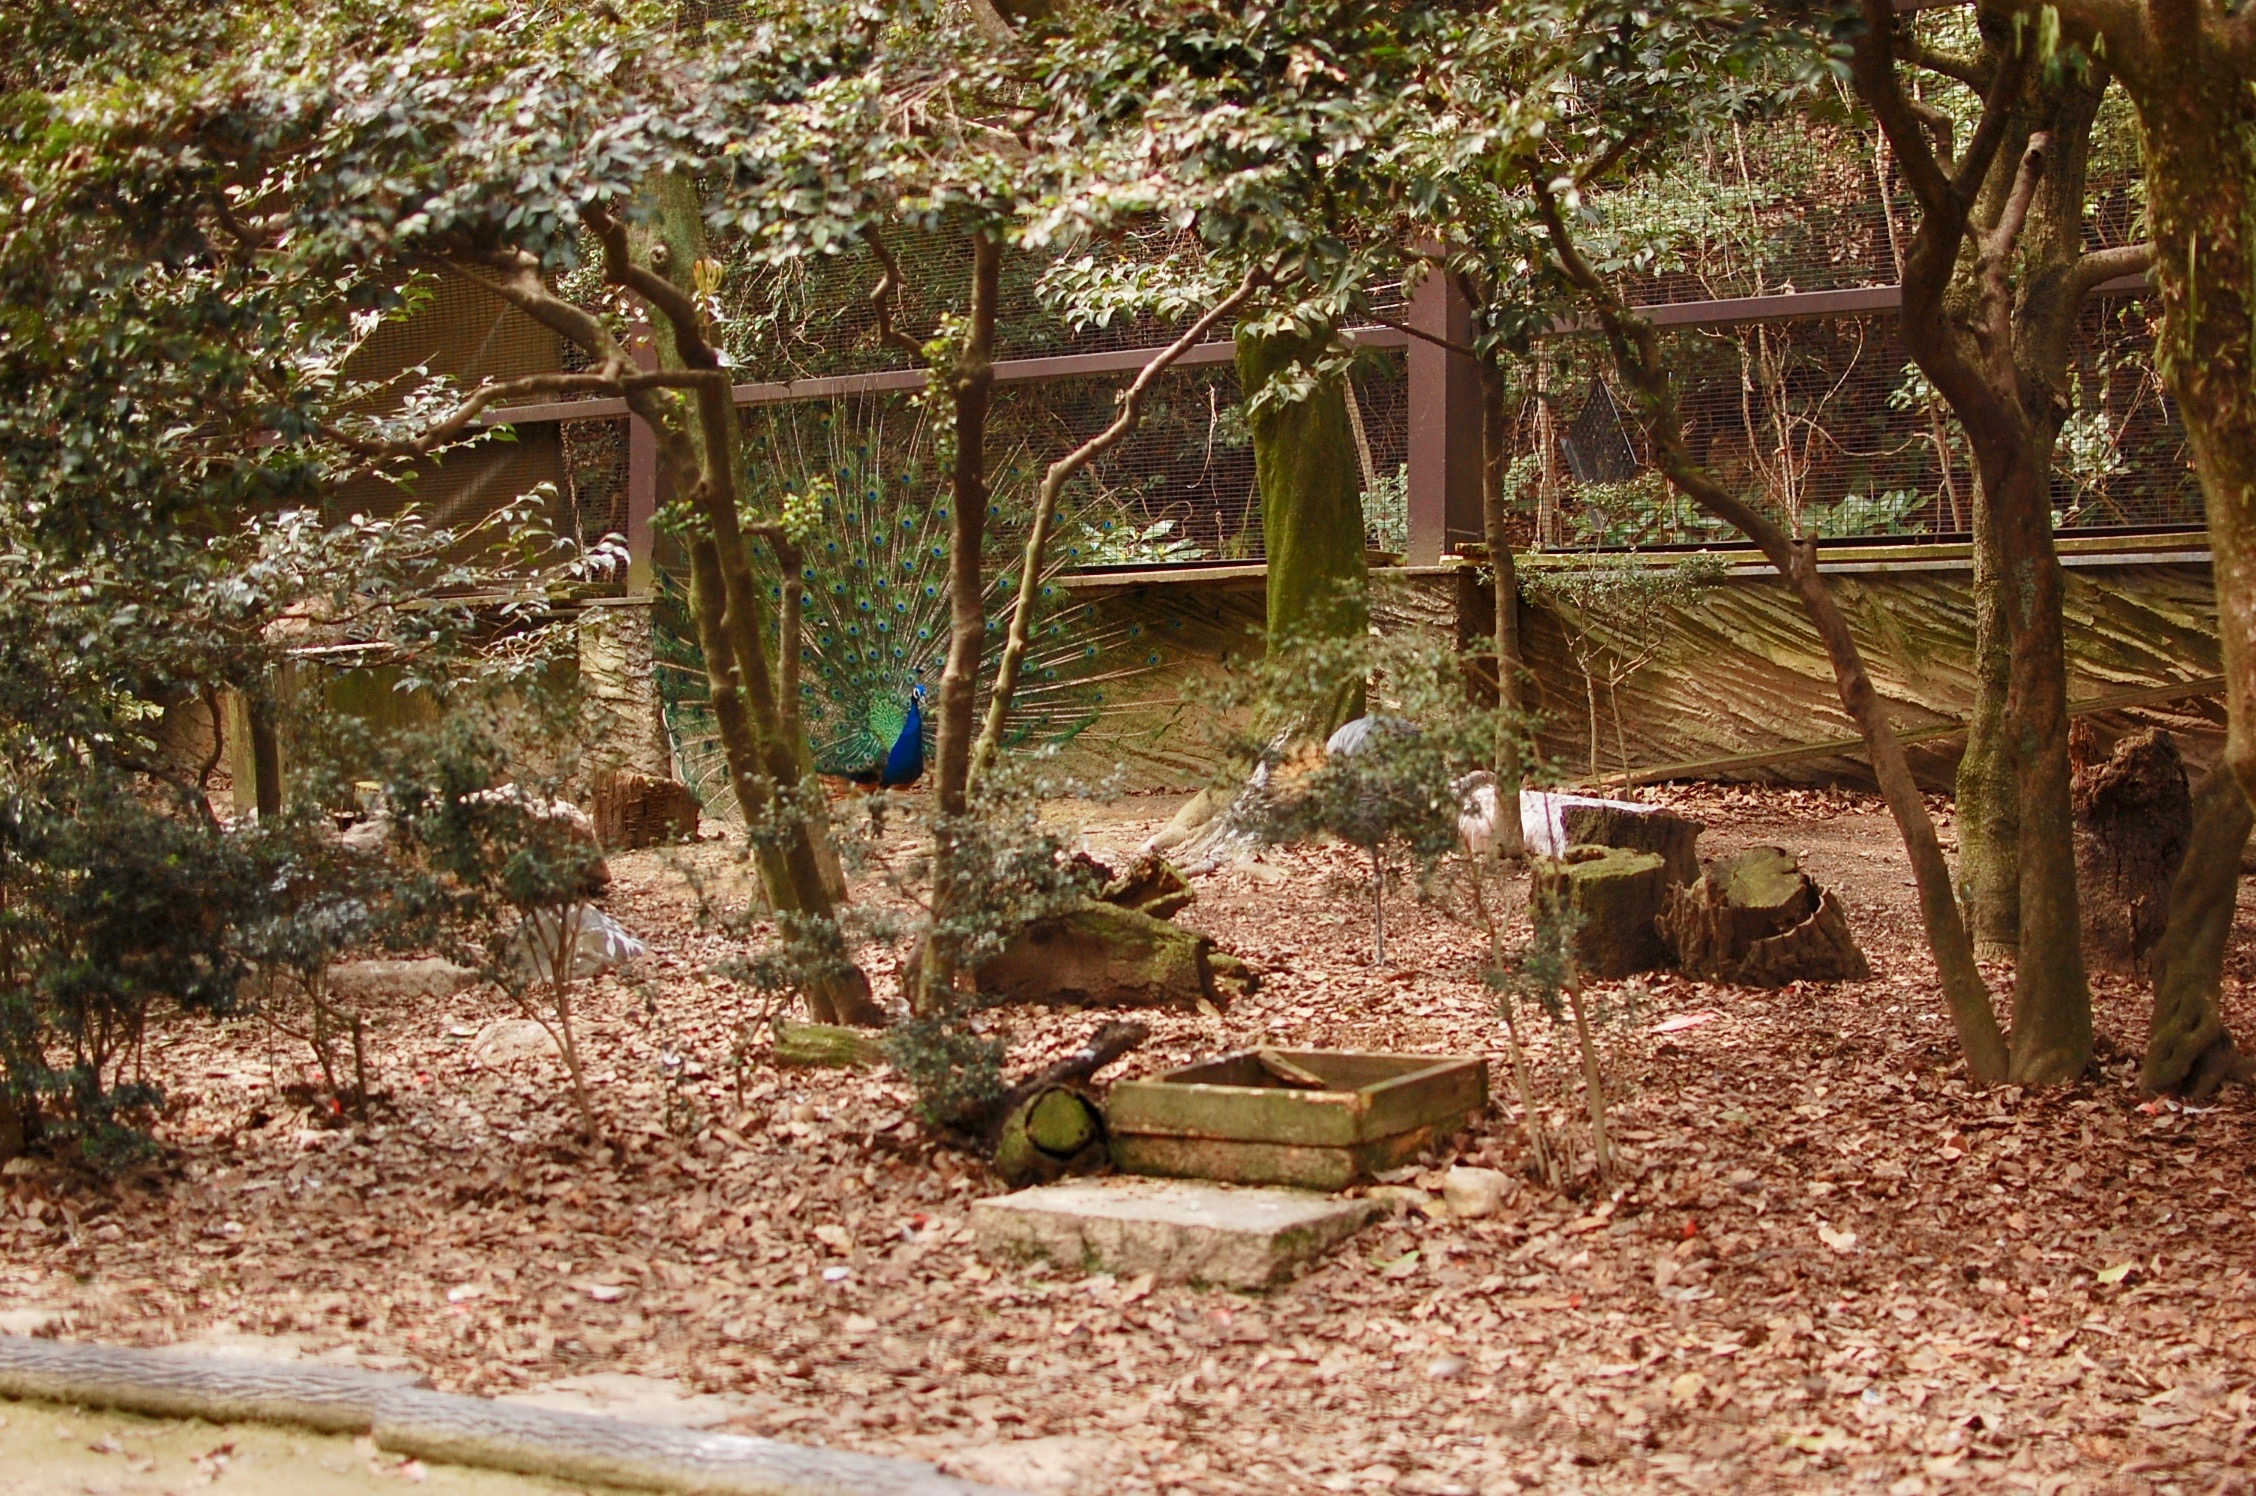 東山動物園の園長に聞いた!動物園をより楽しむためのプランとは - f8ad822fd242412c204f8642a603ce47